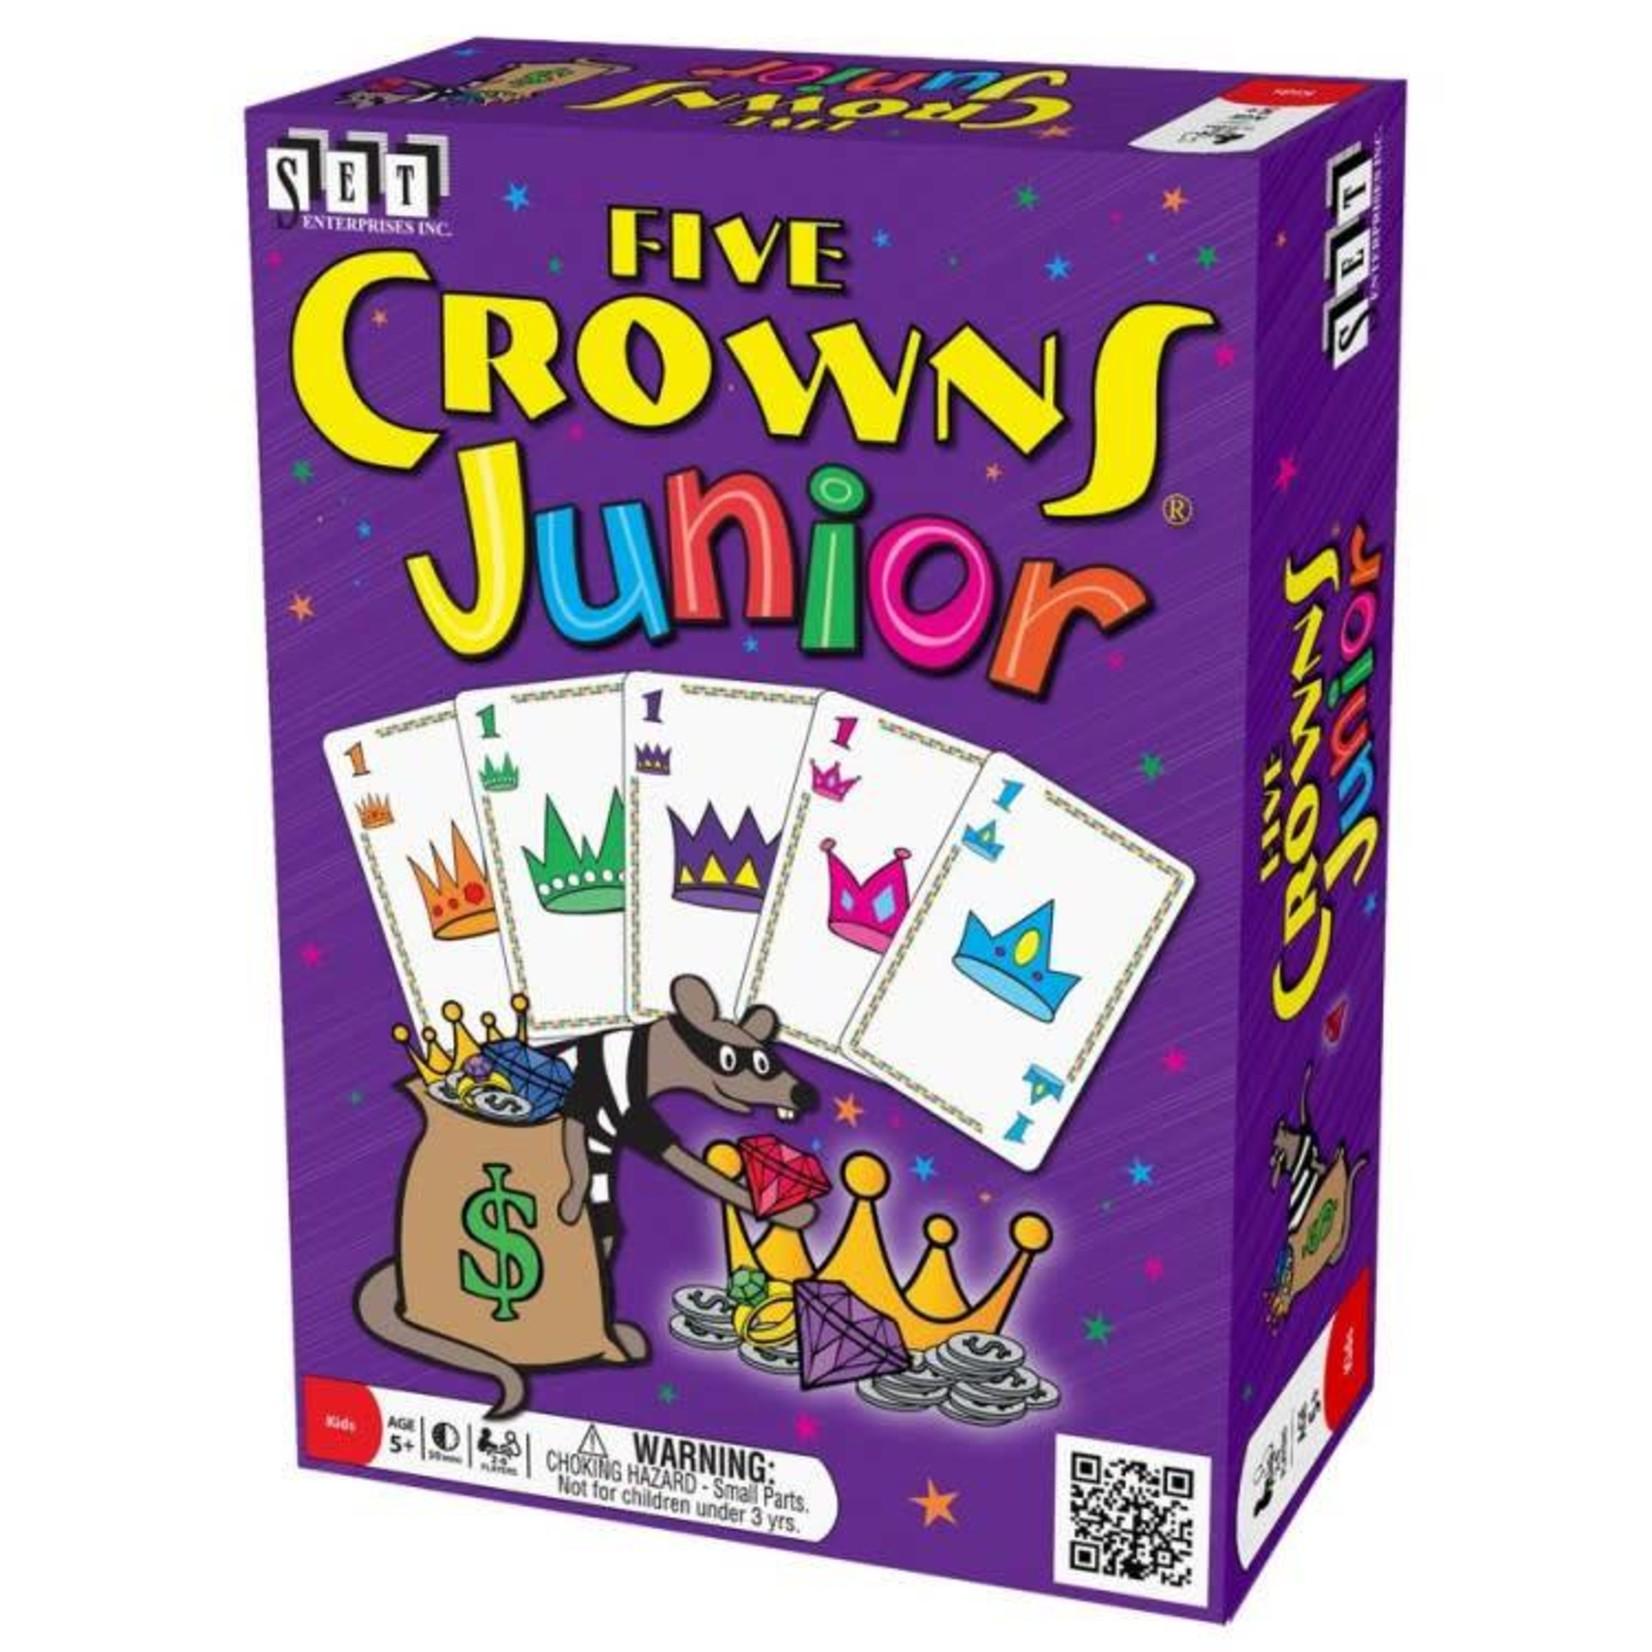 SET Enterprises Five Crowns: Junior